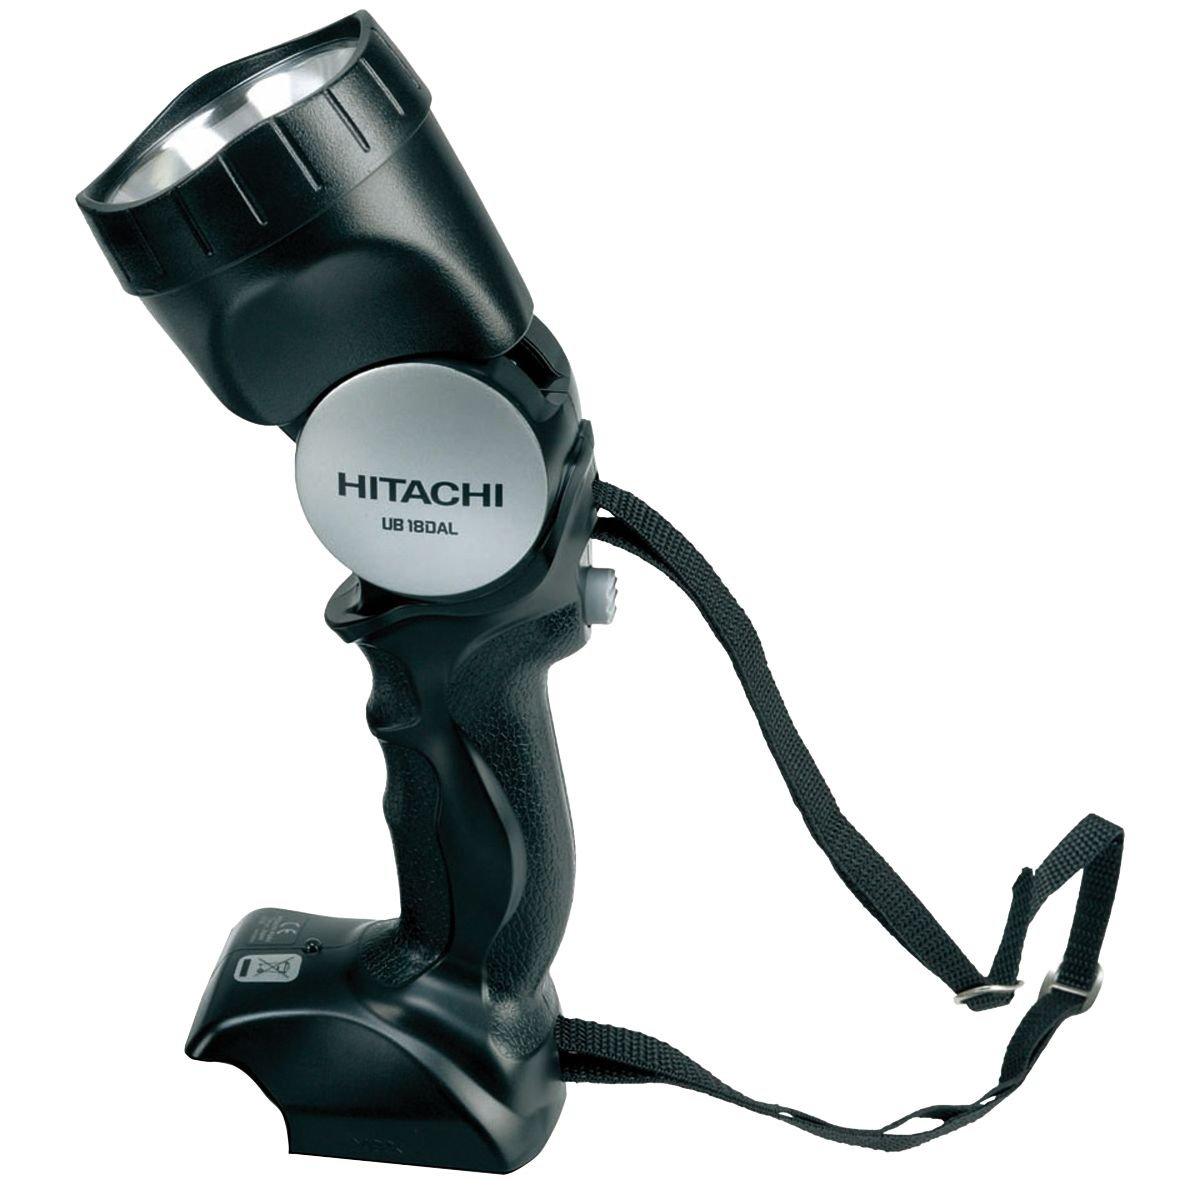 Hitachi UB18DAL/L4 14, 4 V/18 V Taschenlampe –  Bare